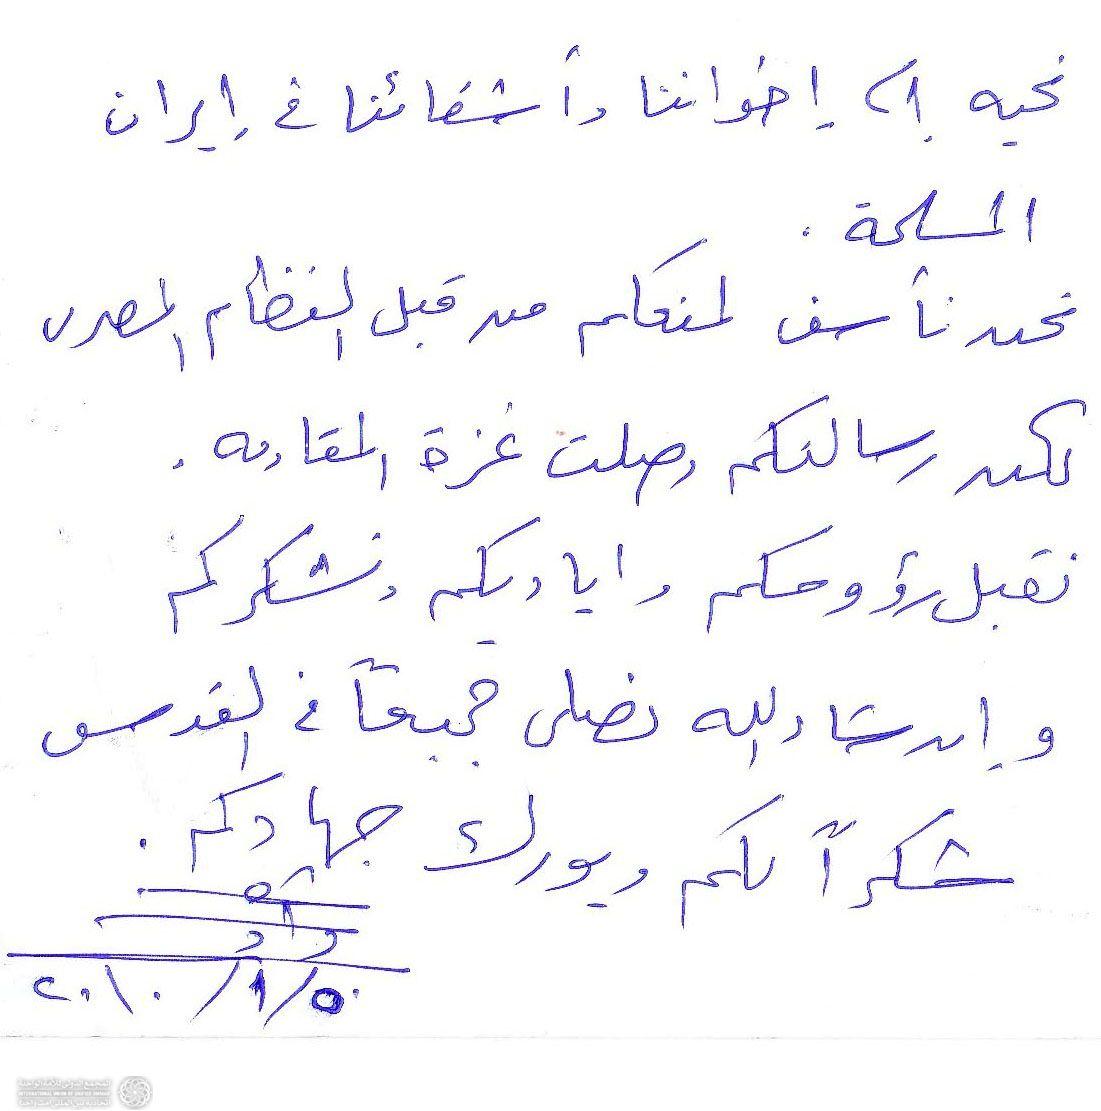 نامه فلسطین1